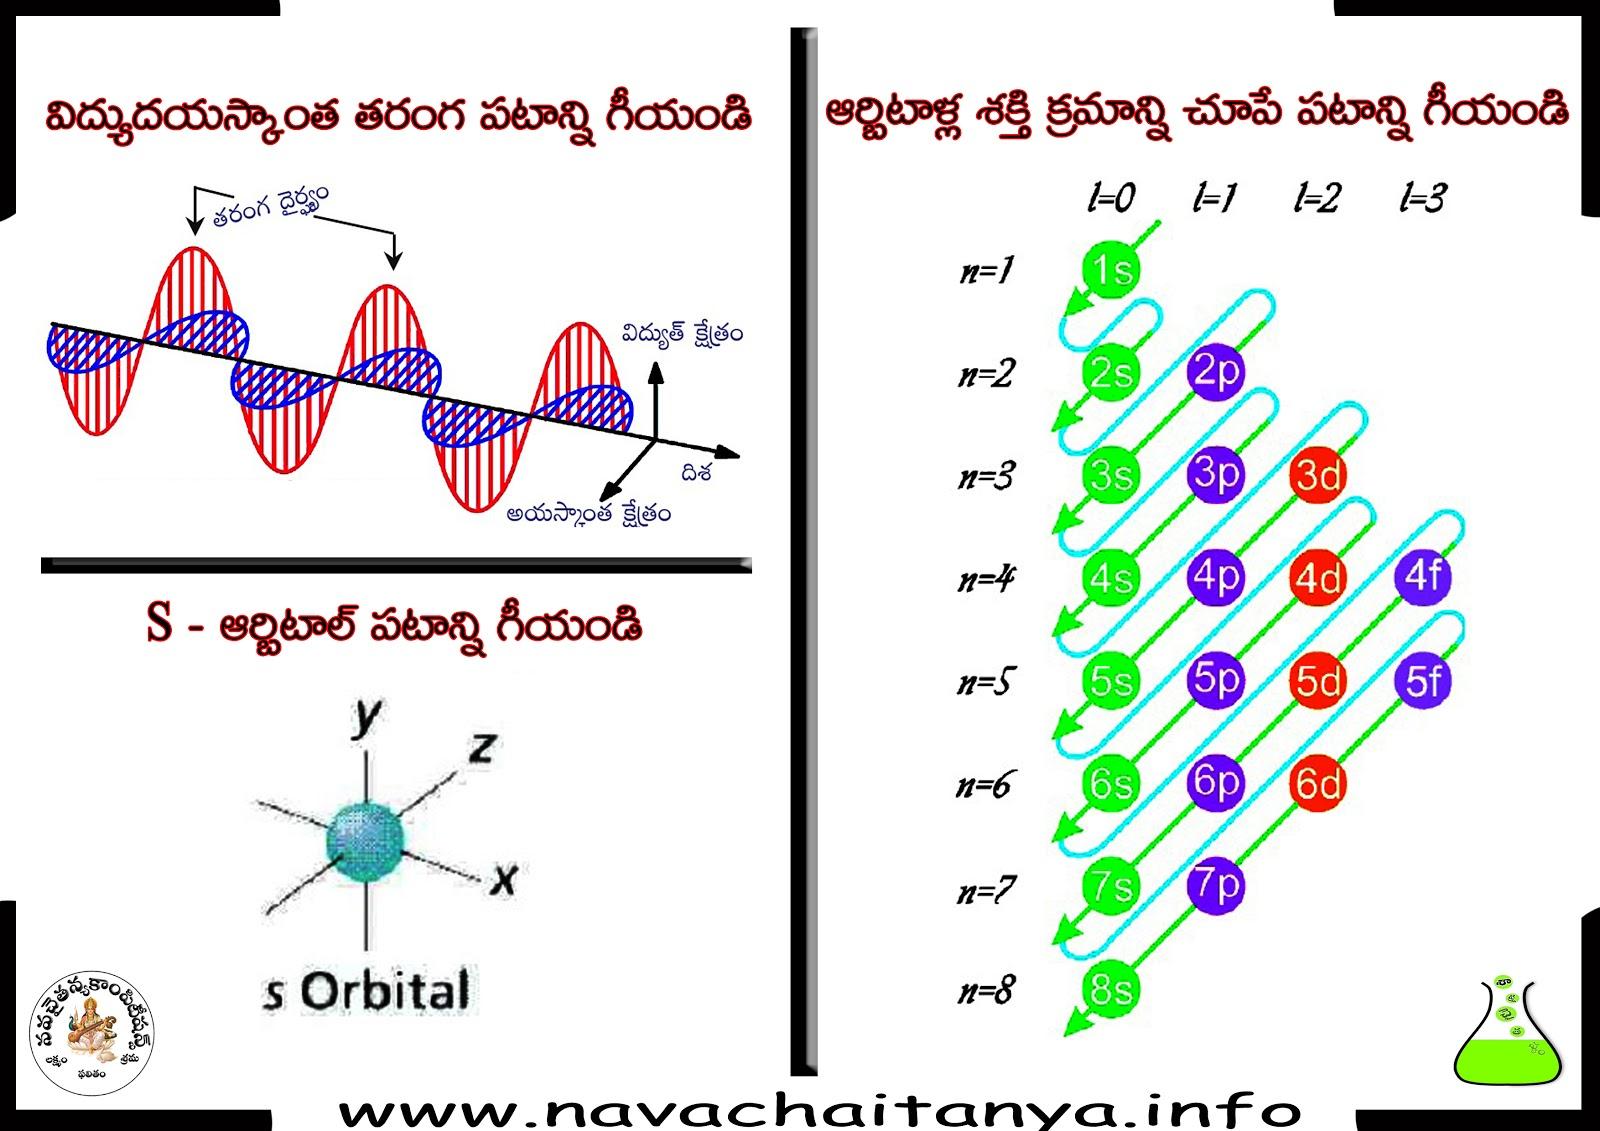 10th Class Physical Science Diagrams   U0c35 U0c3f U0c26 U0c4d U0c2f U0c41 U0c26 U200c U0c2f U200c U0c38 U0c4d U0c15 U0c3e U0c02 U0c24  U0c24